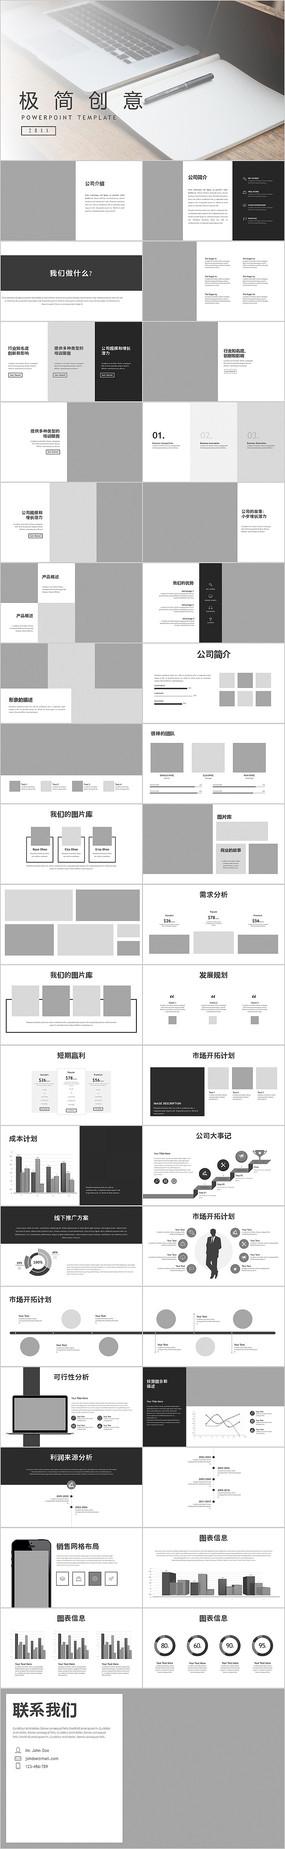 极简主义优雅设计公司简介创意PPT模板